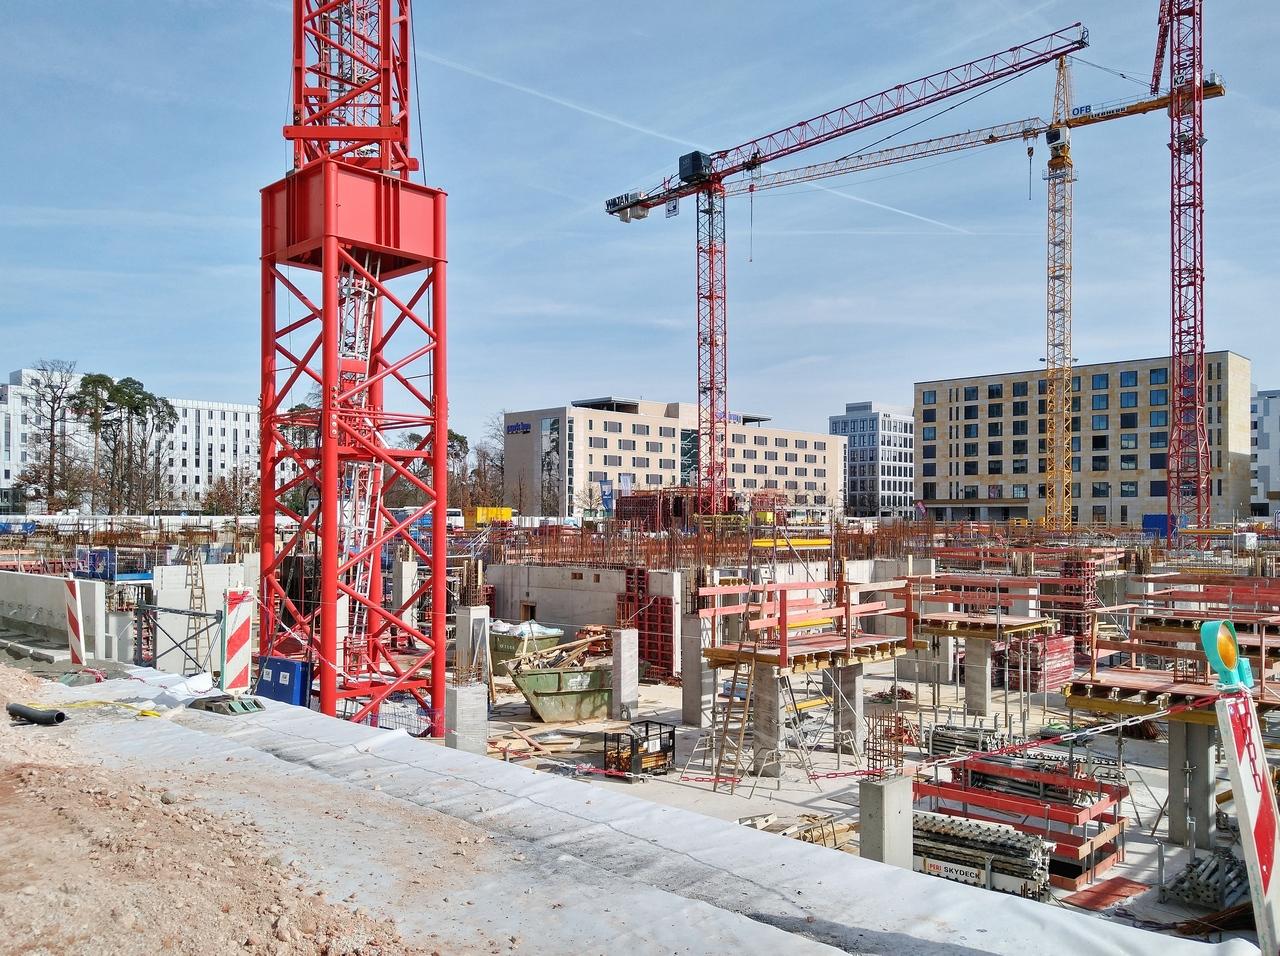 Bild: https://www.deutsches-architektur-forum.de/pics/schmittchen/4350_gateway-gardens.jpg